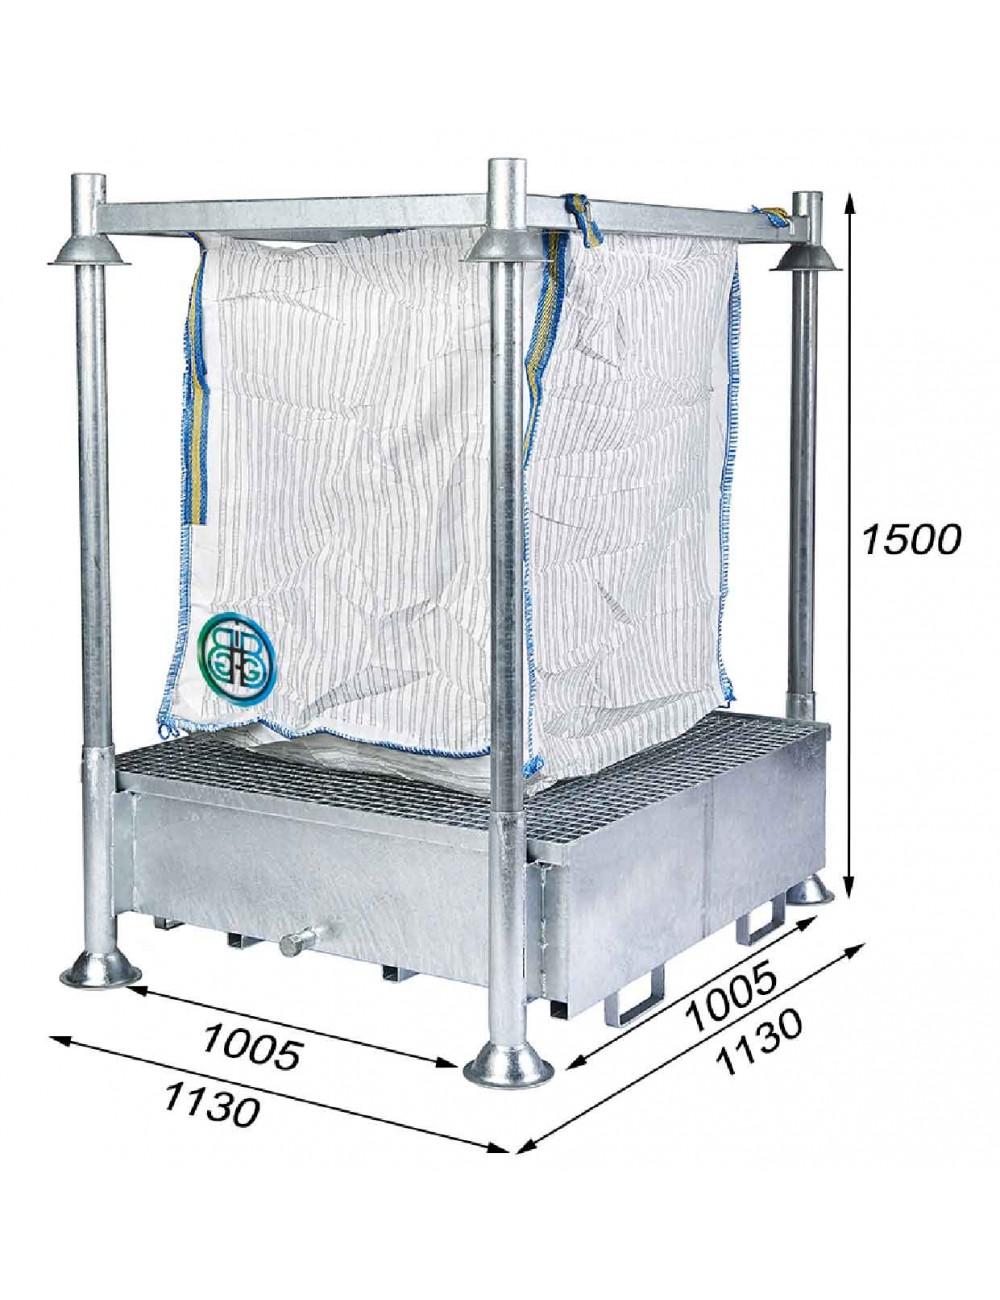 Marco soporte de Big Bag con de retención 440 Litros - Altura total 1500